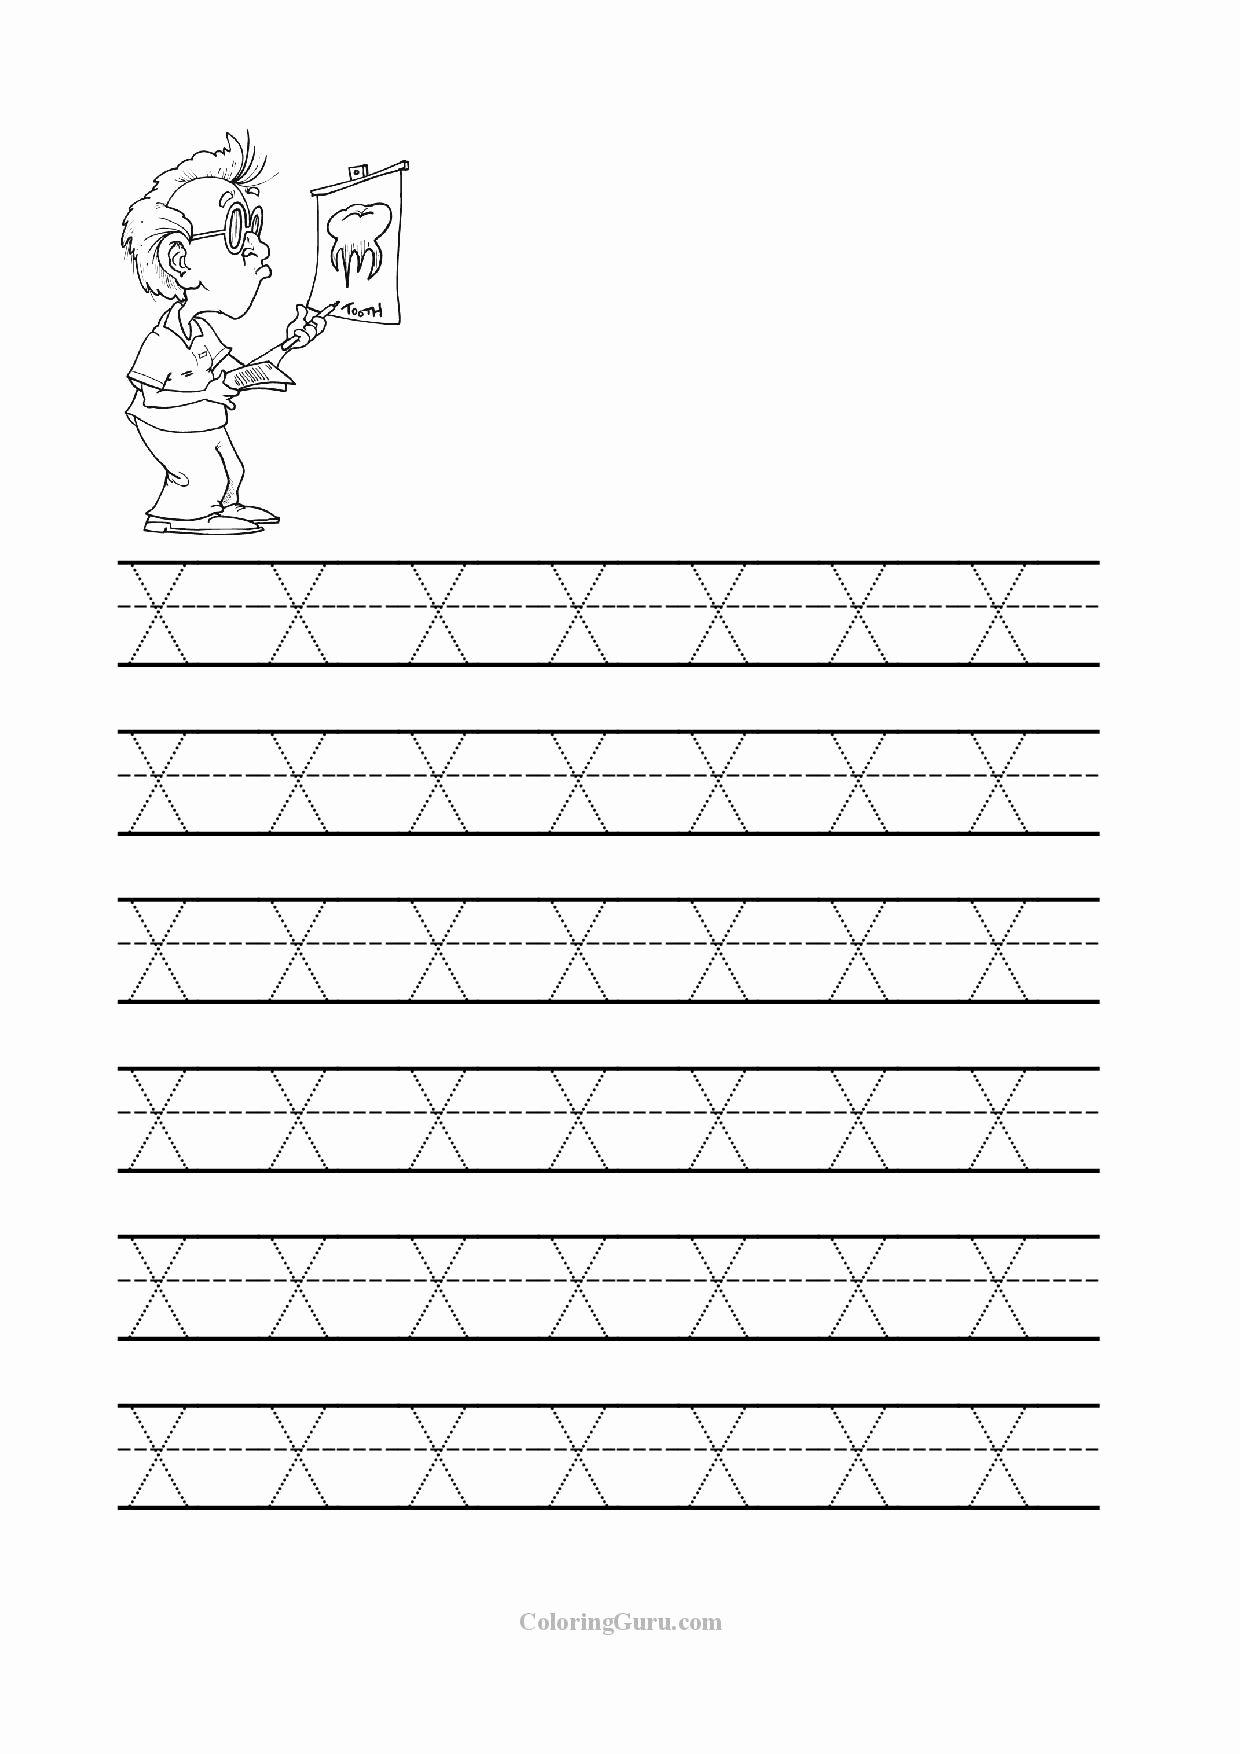 Letter I Worksheets for Preschoolers top Free Printable Tracing Letter X Worksheets for Preschool